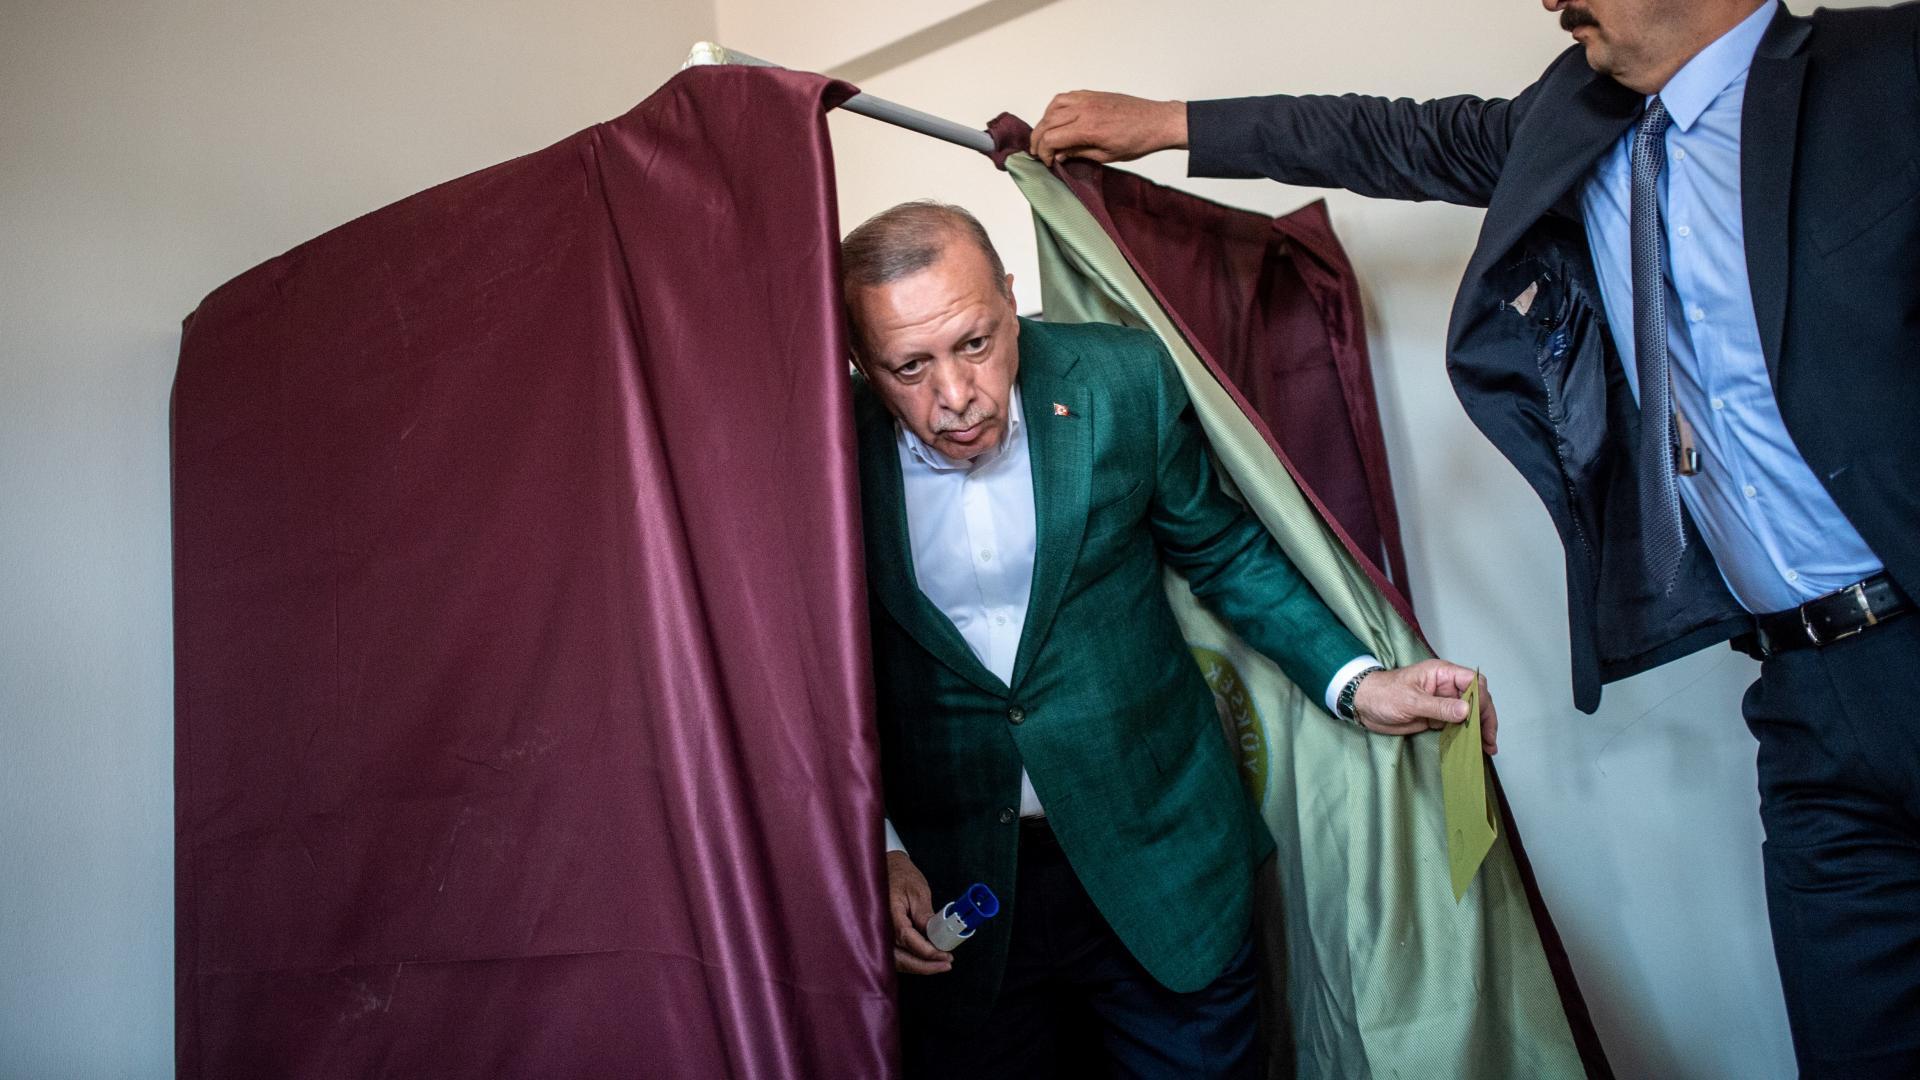 اللجنة العليا توافق على إعادة الانتخابات البلدية في إسطنبول